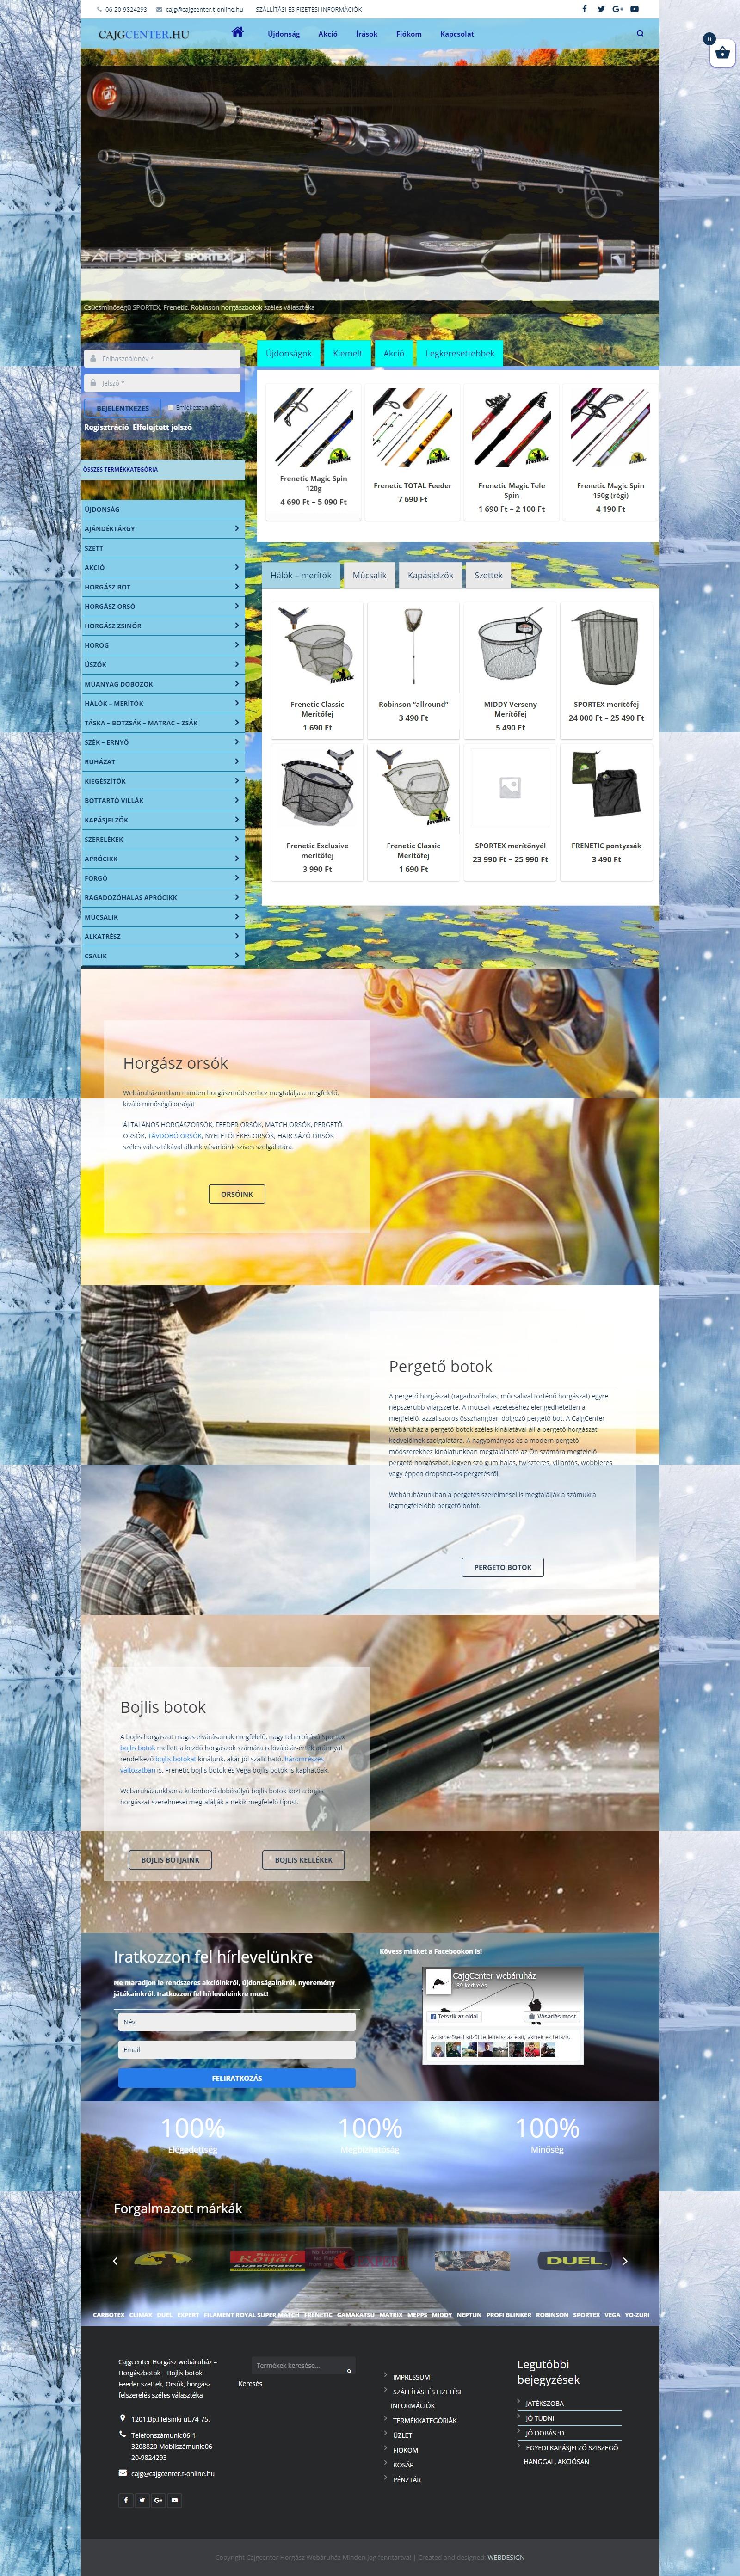 Cajgccenter horgász webáruház - Cajgcenter